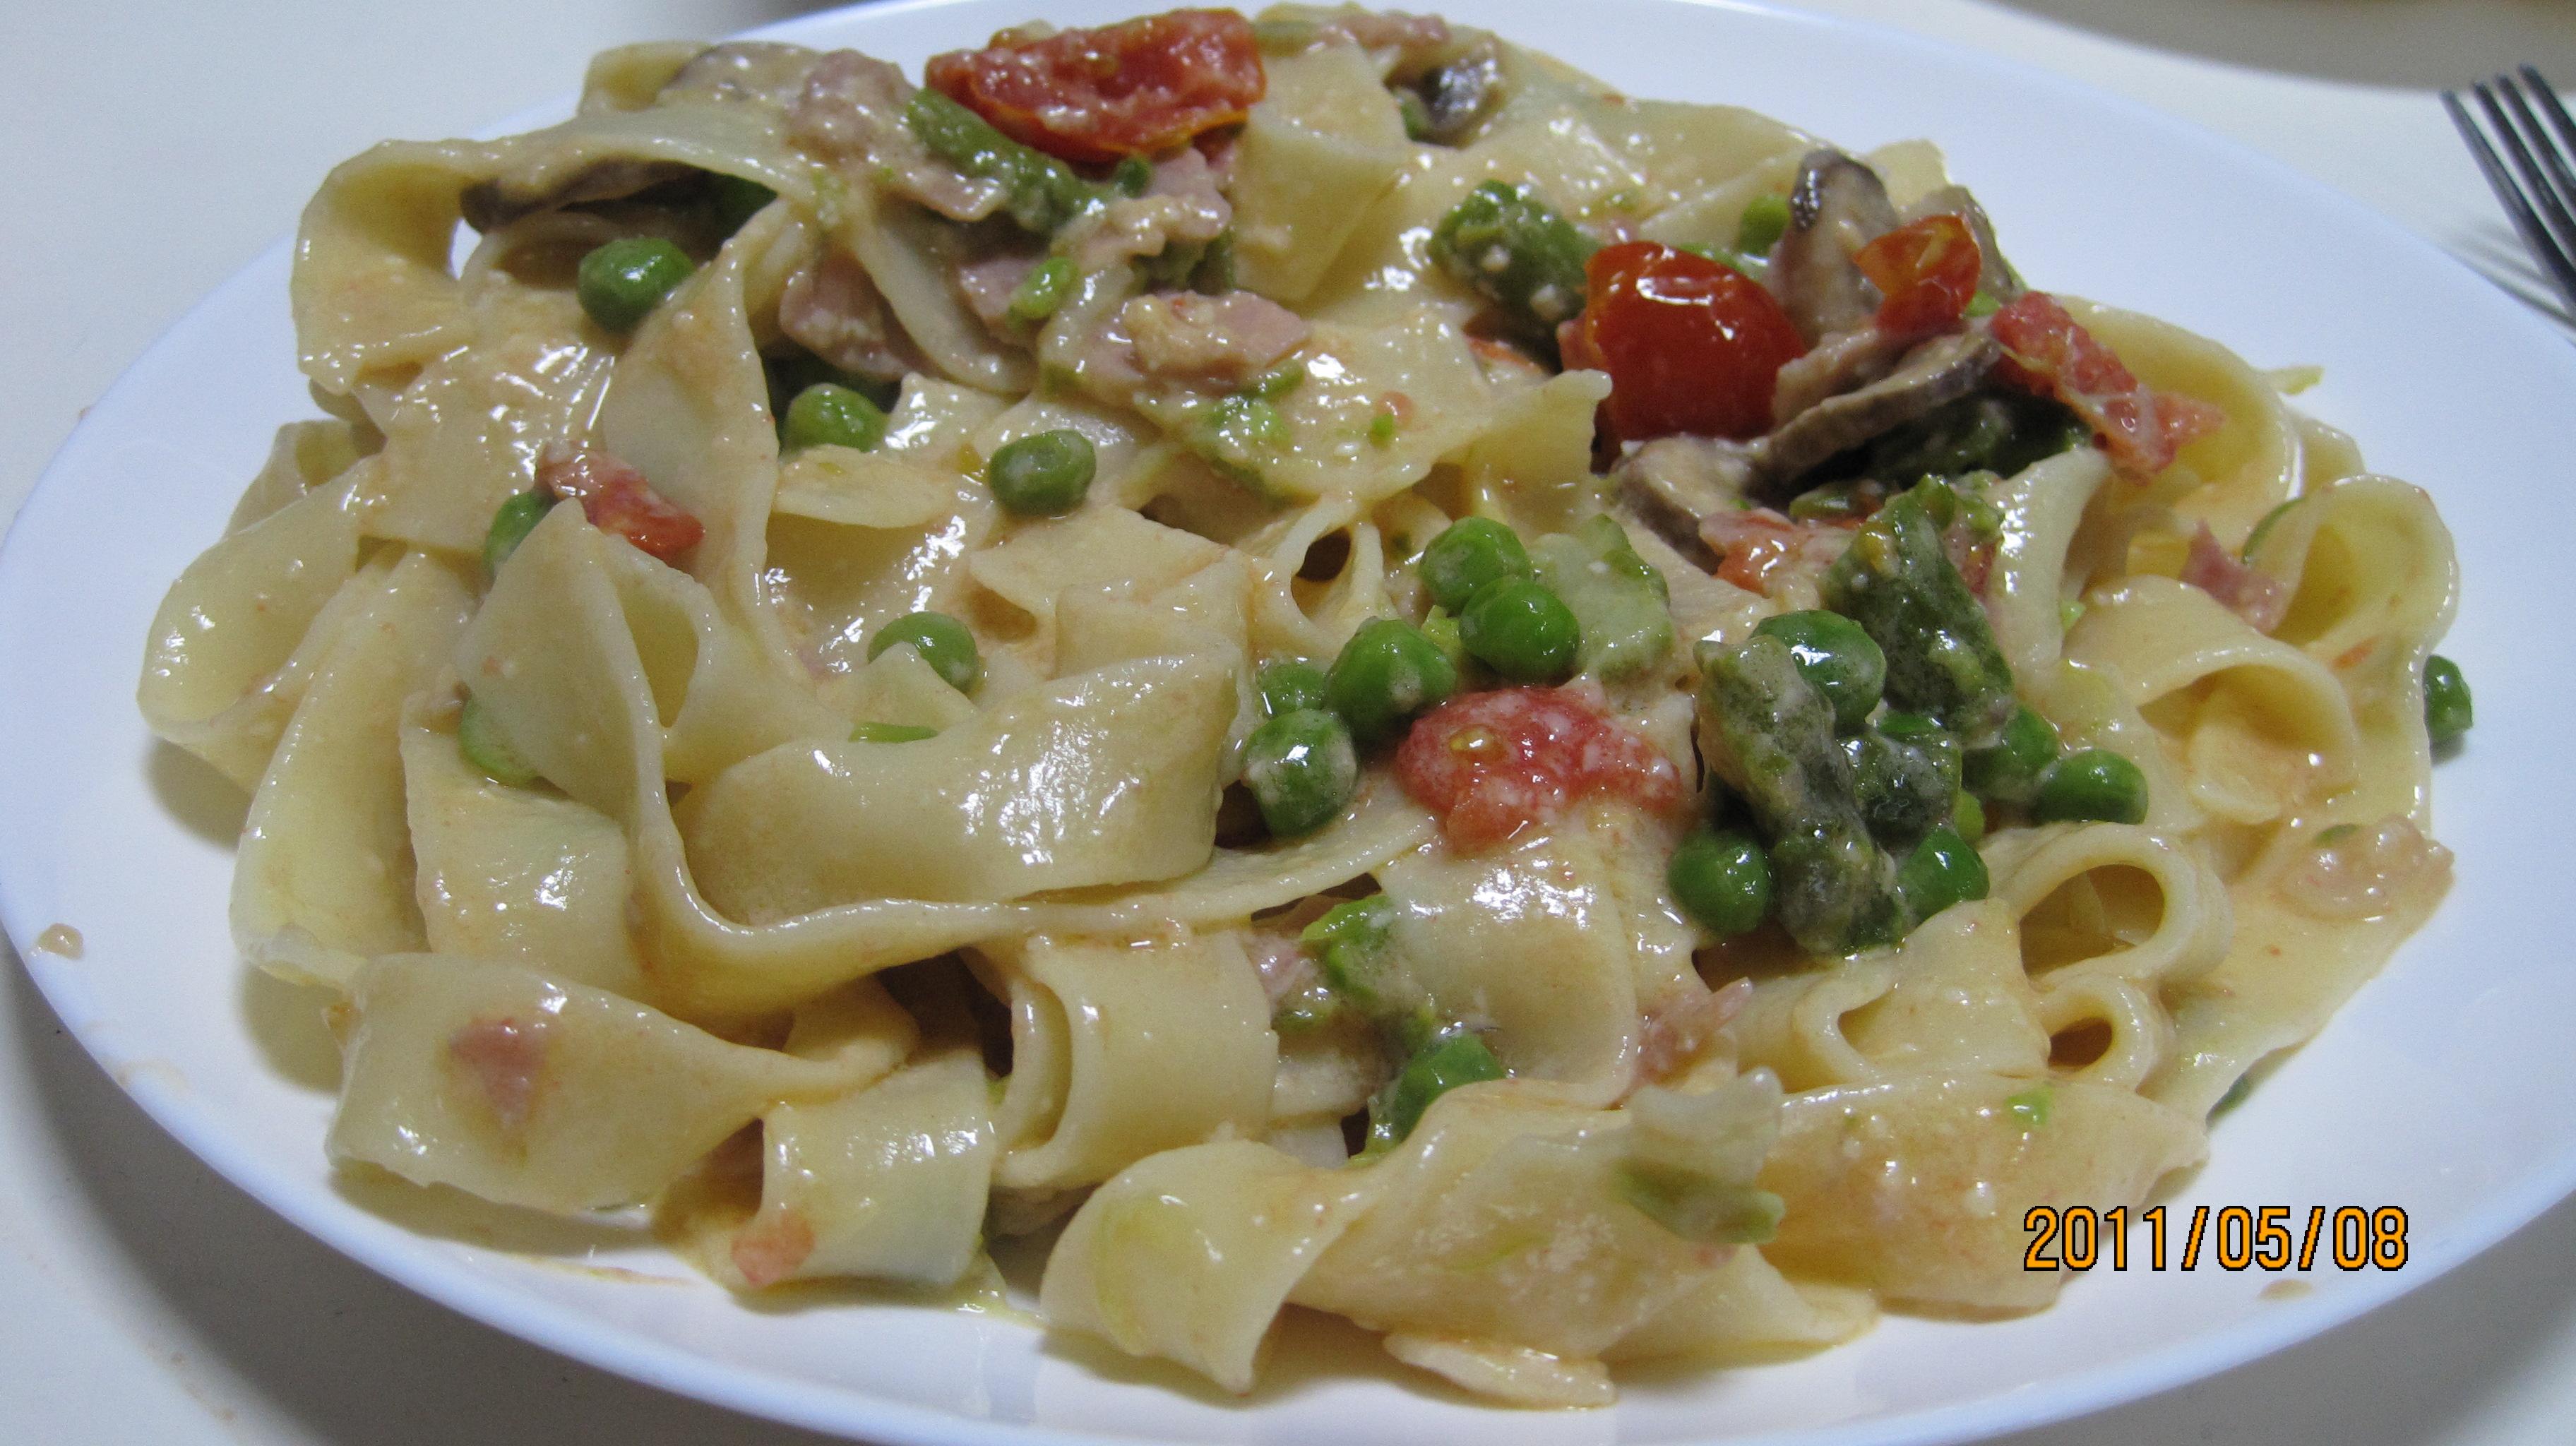 Fettuccini w/Garlic, Mushroom, and Prosciutto Cream Sauce